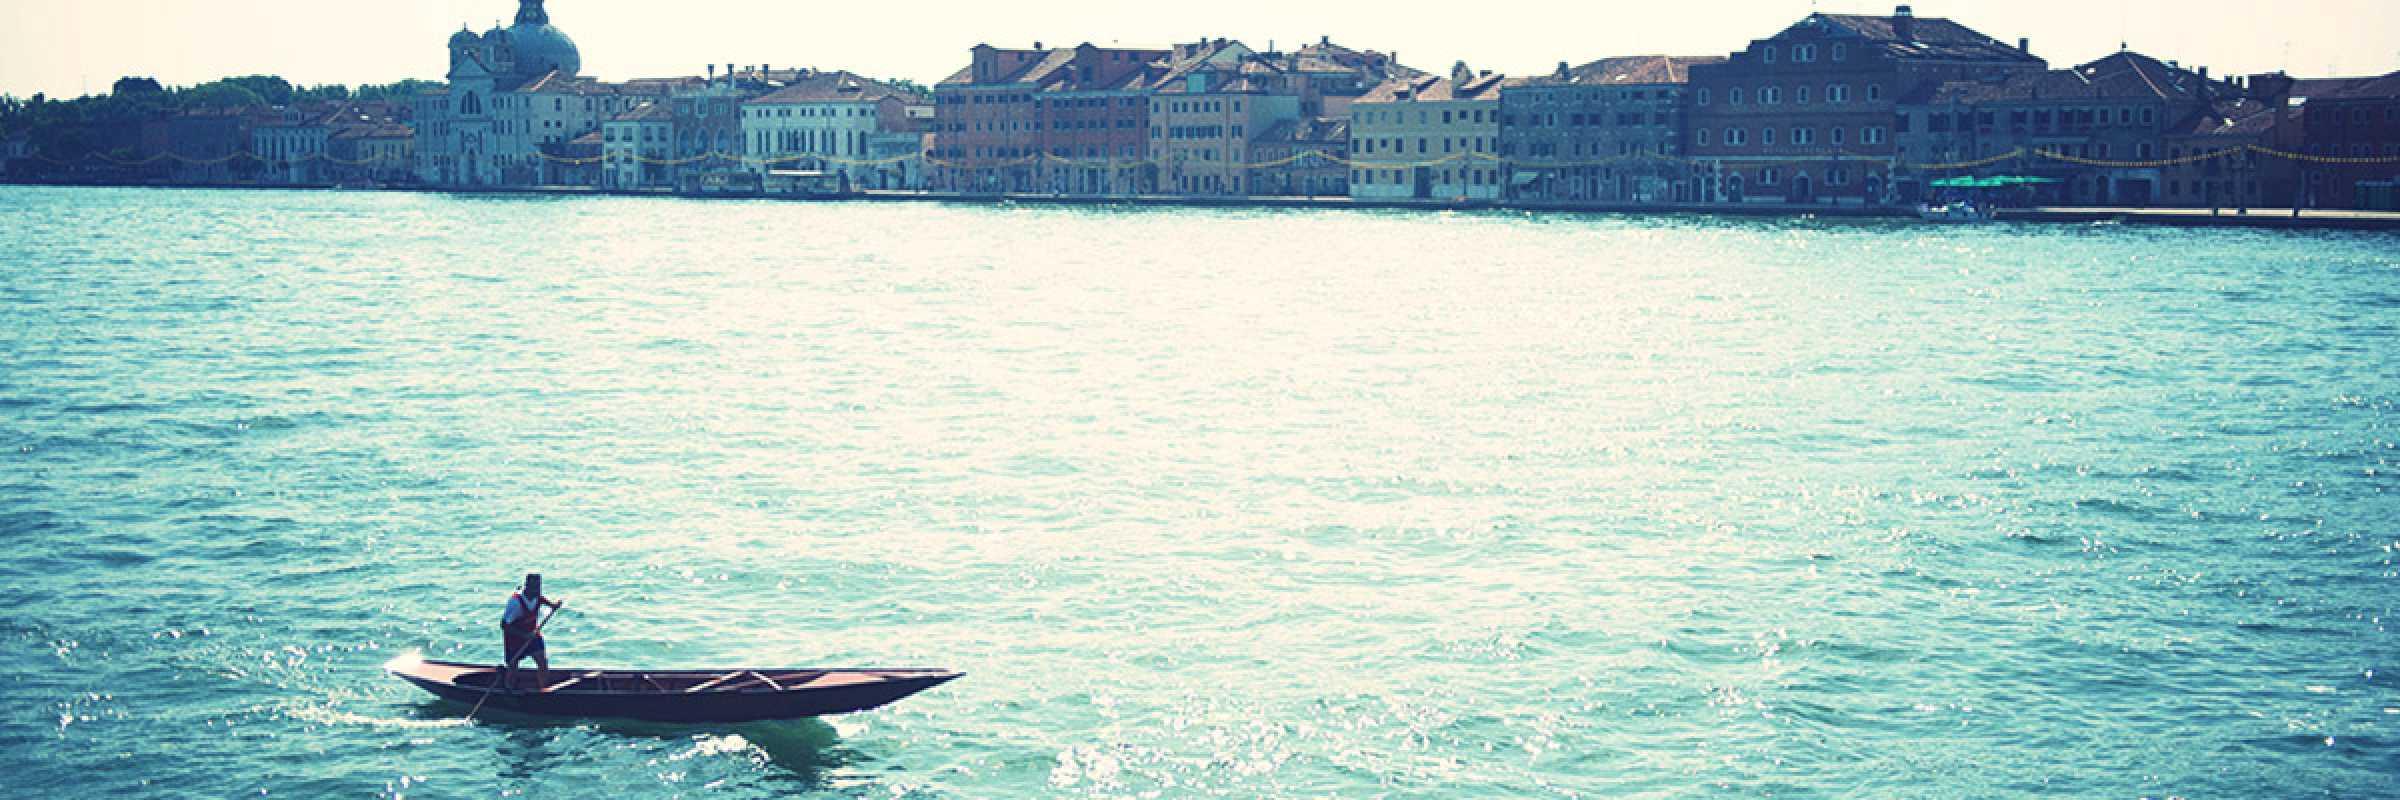 Barca in laguna.